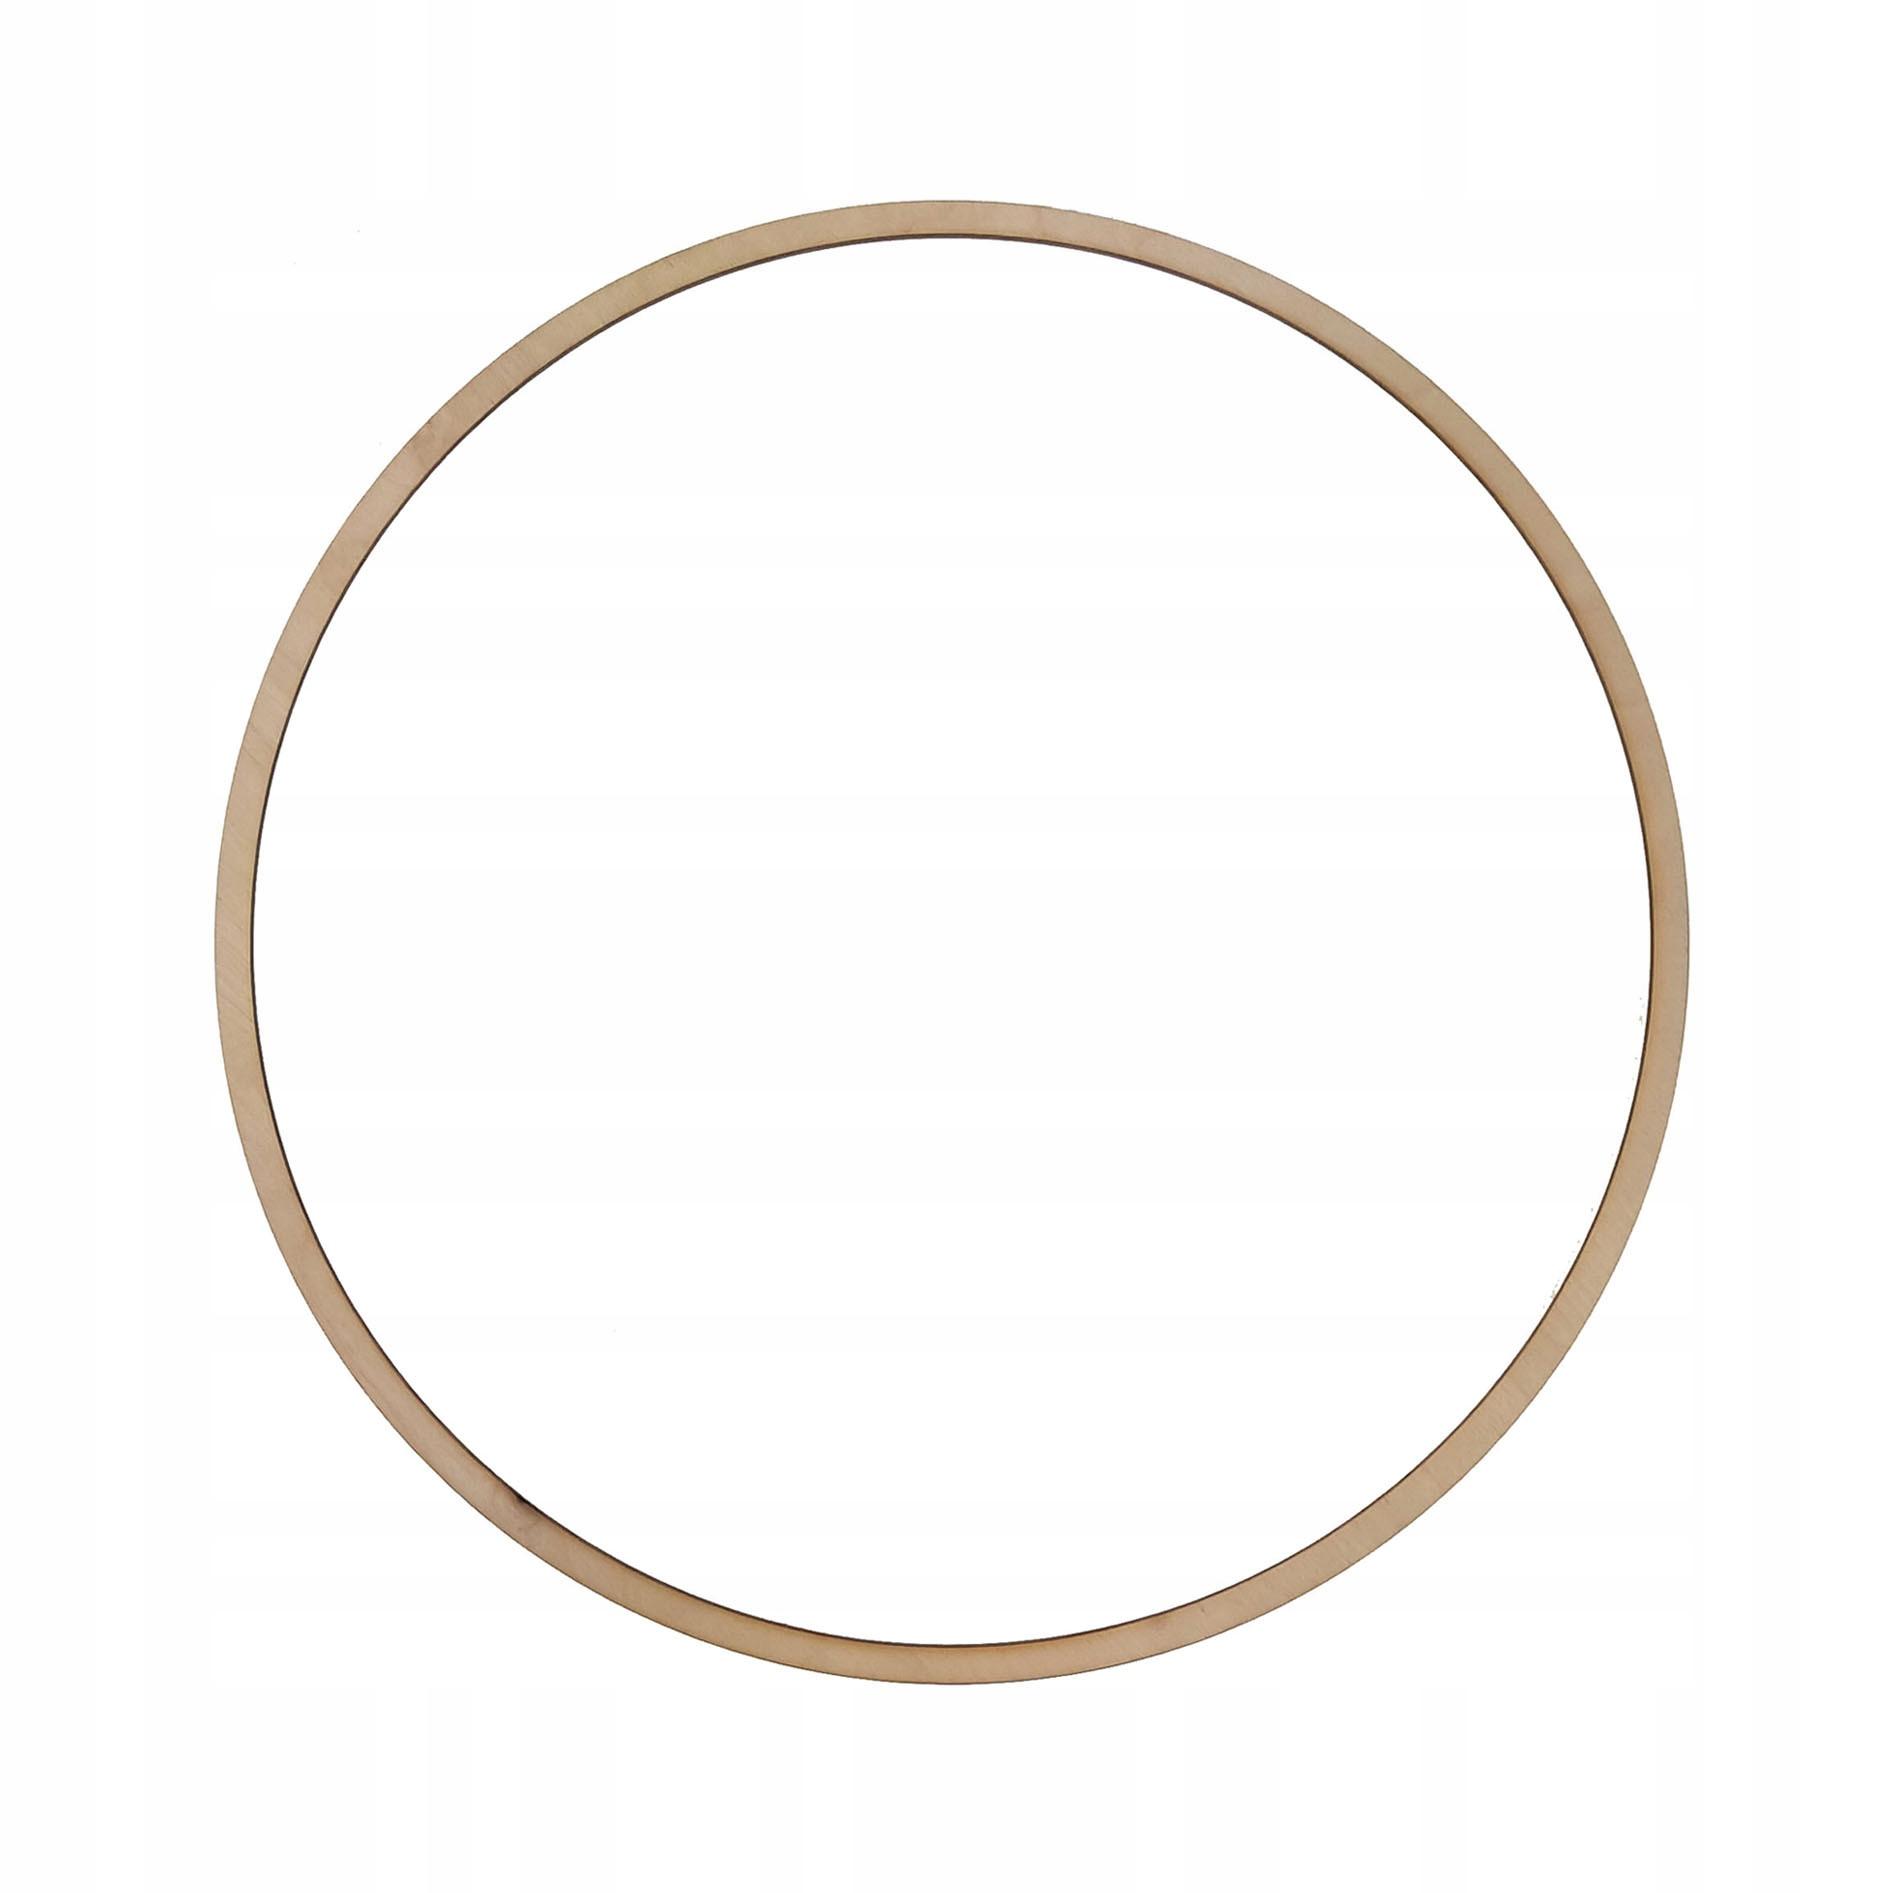 Drewniana obręcz kółko do łapacza snów - 36 cm